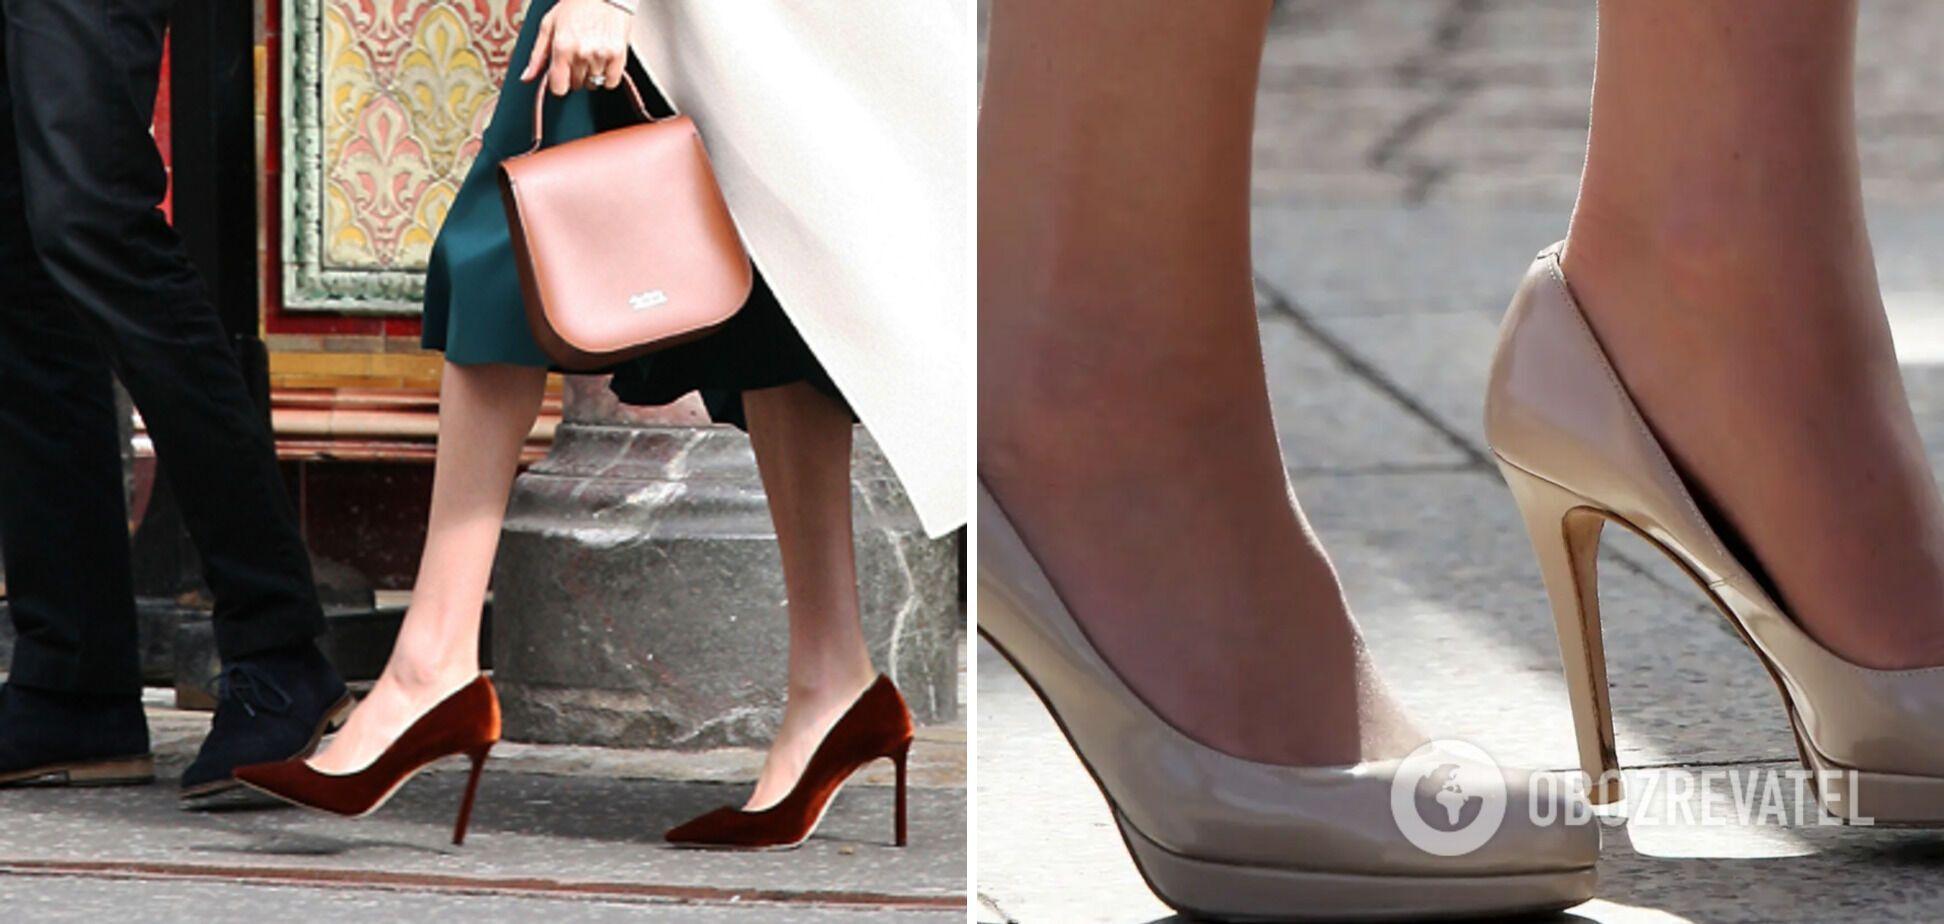 Герцогини надевают туфли на размер больше.